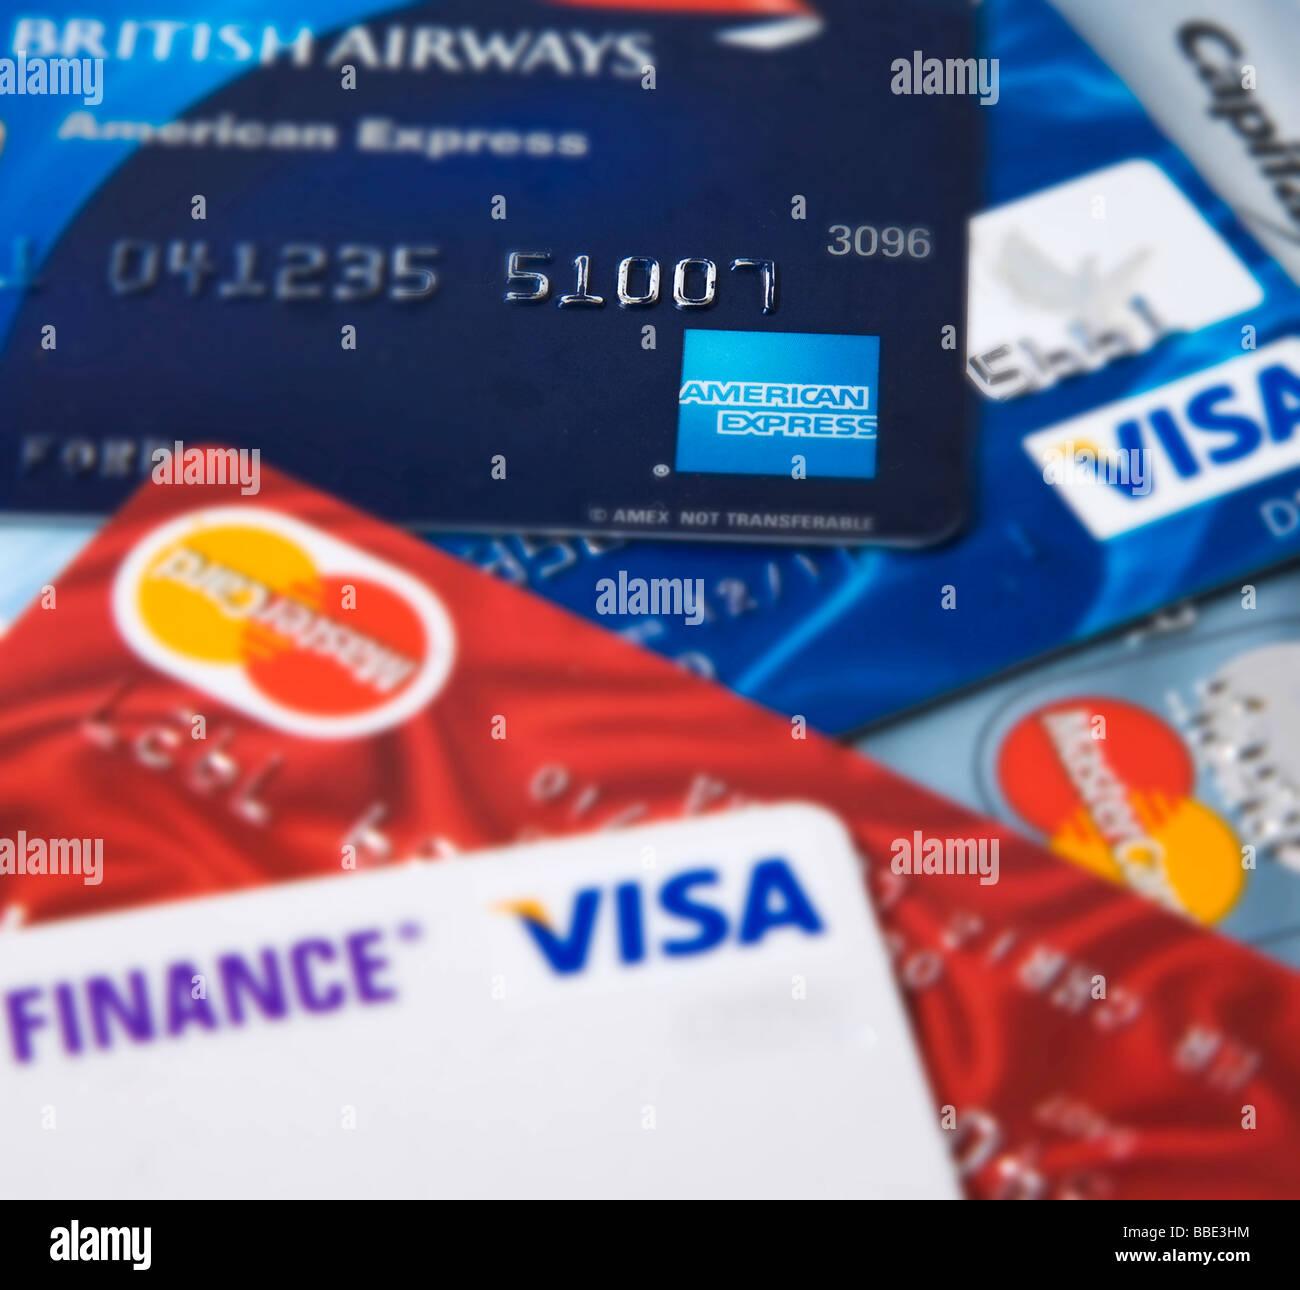 'Carte de crédit' Visa Mastercard Photo Stock